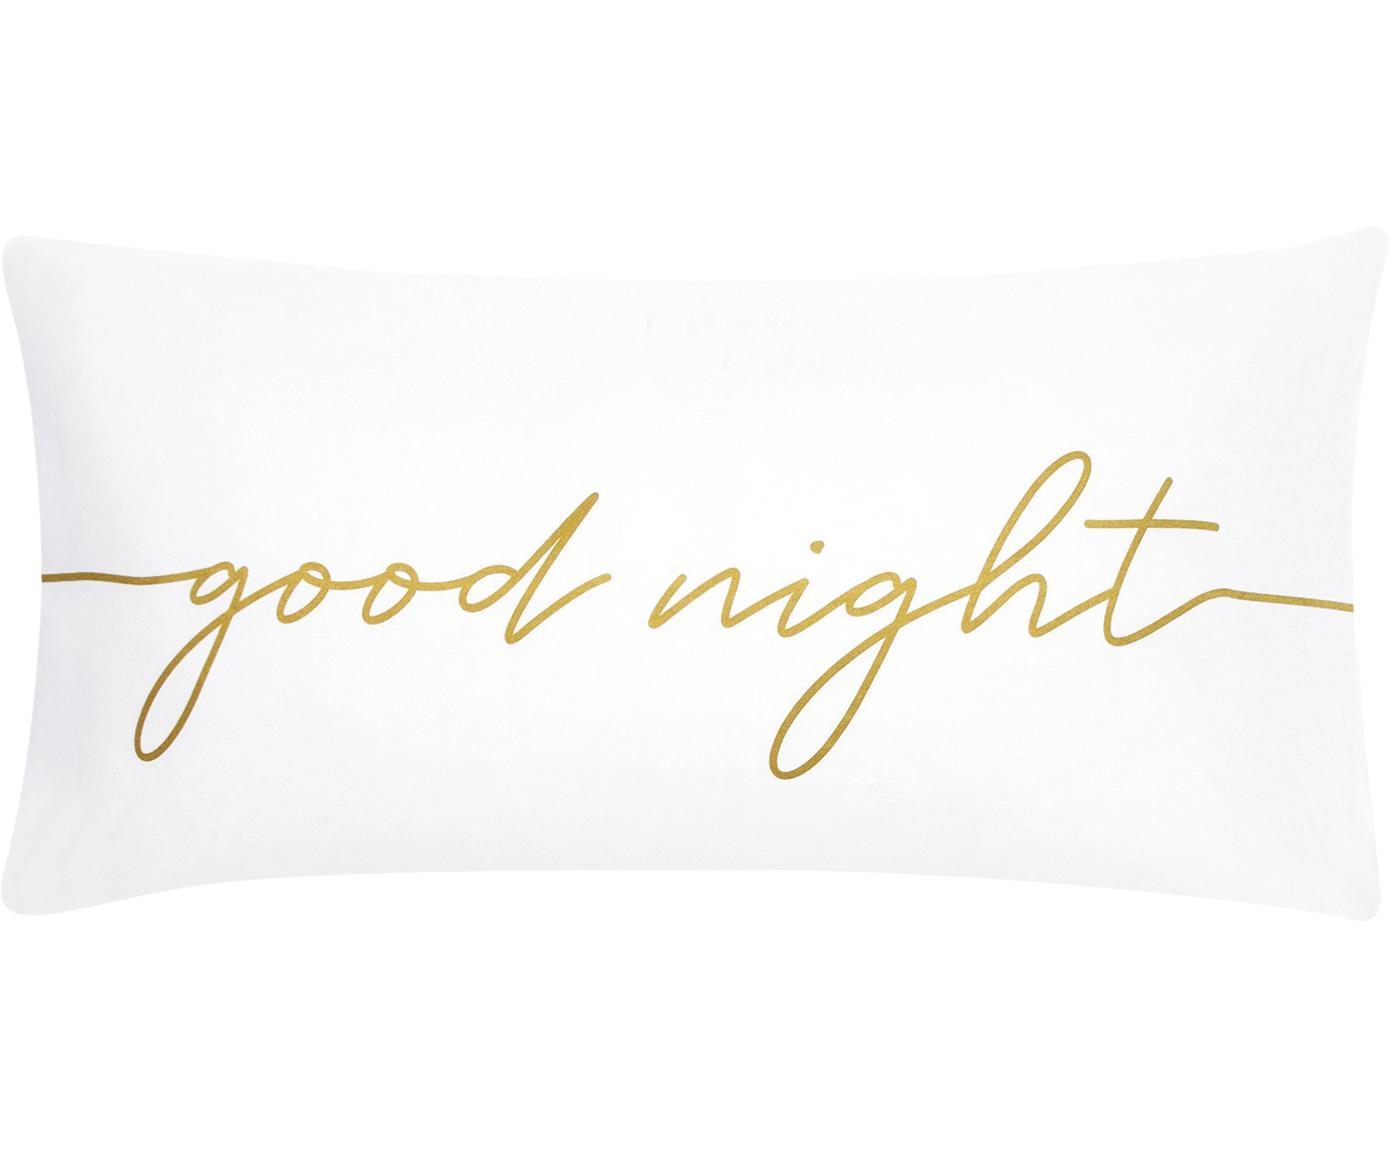 Baumwollperkal-Kissenbezüge Writings mit Schriftzug, 2 Stück, Webart: Perkal Fadendichte 180 TC, Weiß, Goldfarben, 40 x 80 cm